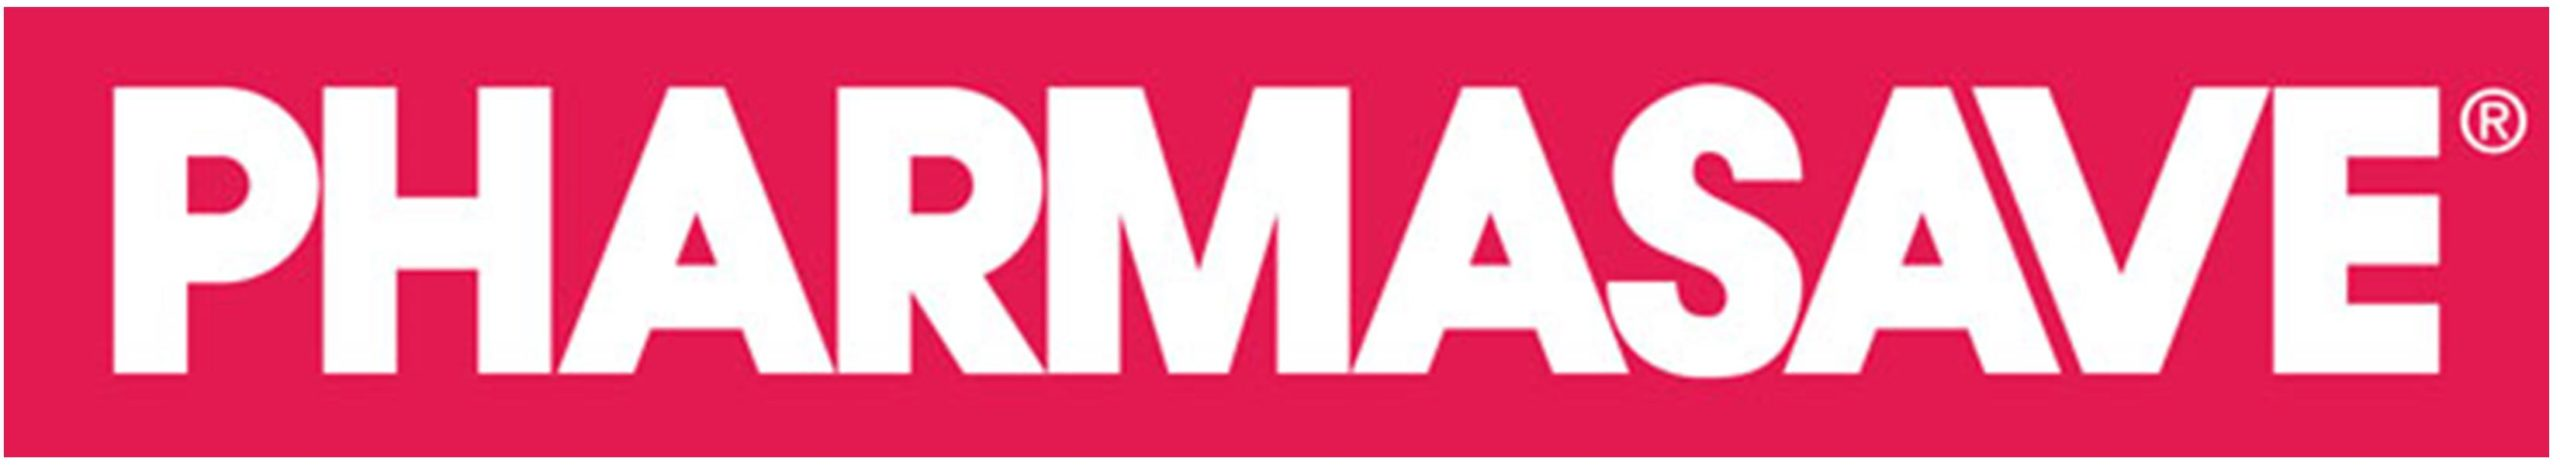 Pharmasave-logo